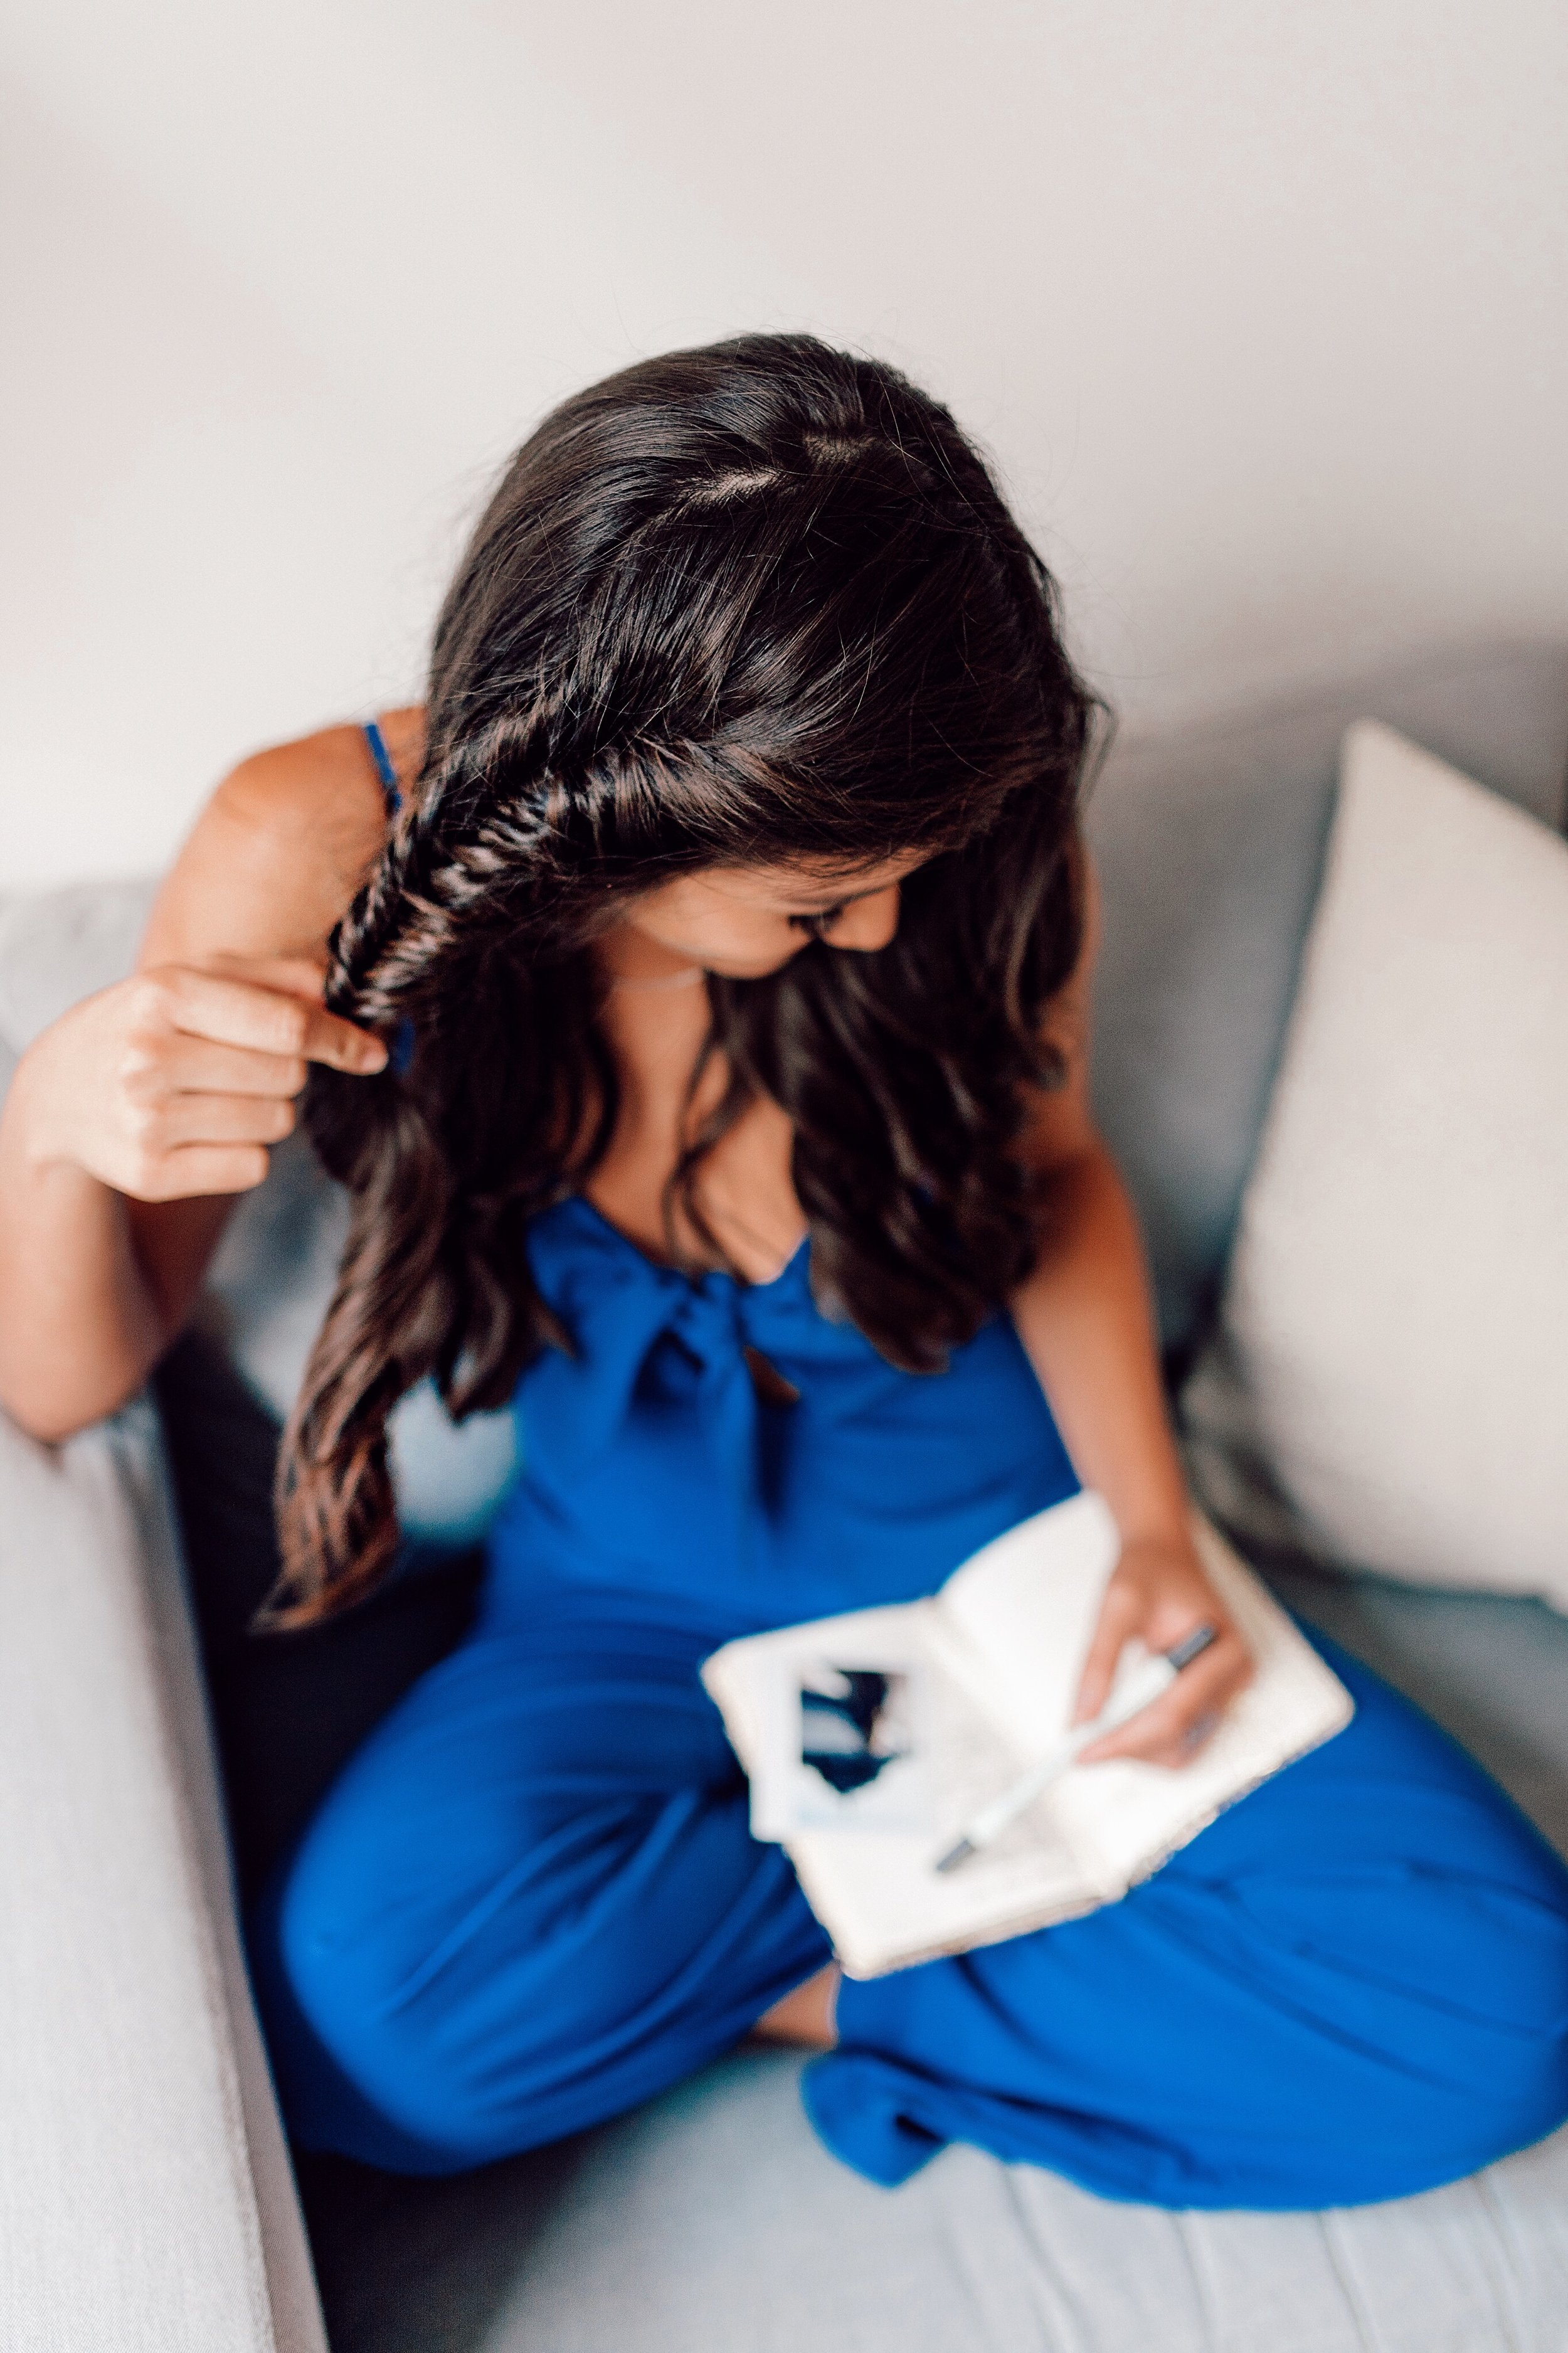 The Bachelor's Caila Quinn Fishtail braid hair